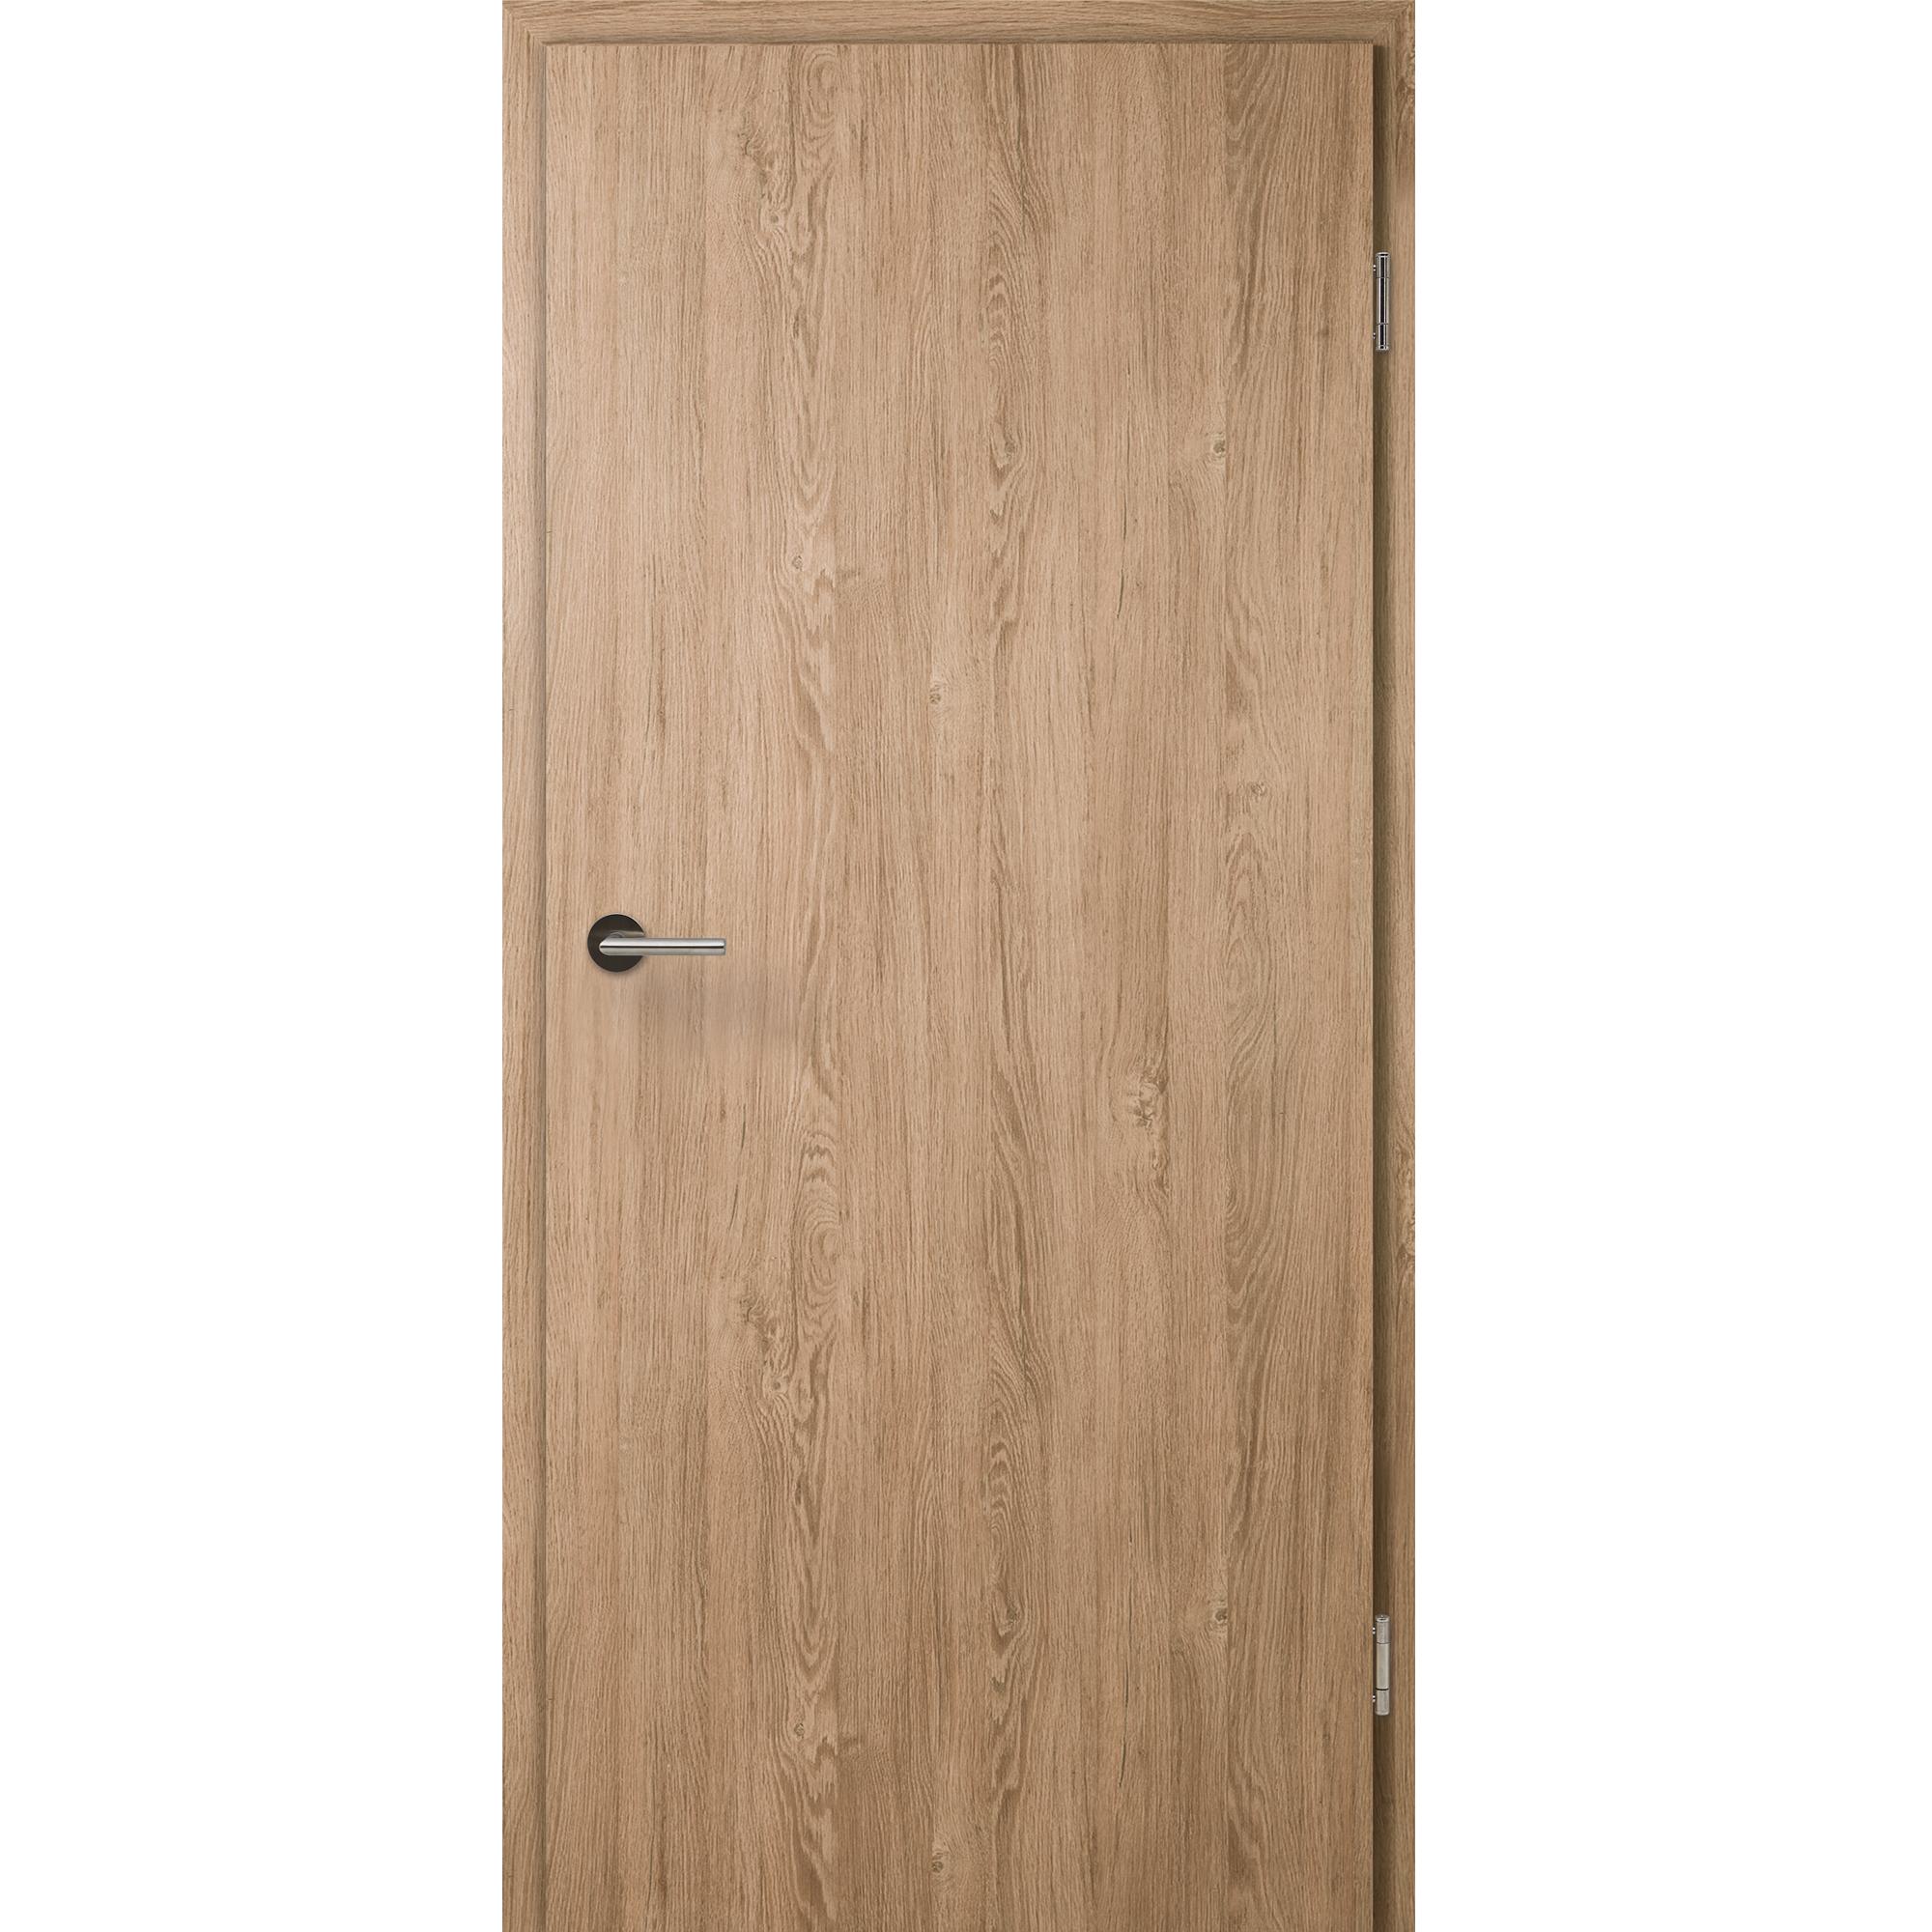 wohnungst r mit zarge cpl raucheiche vollspan kkl iii 27db. Black Bedroom Furniture Sets. Home Design Ideas